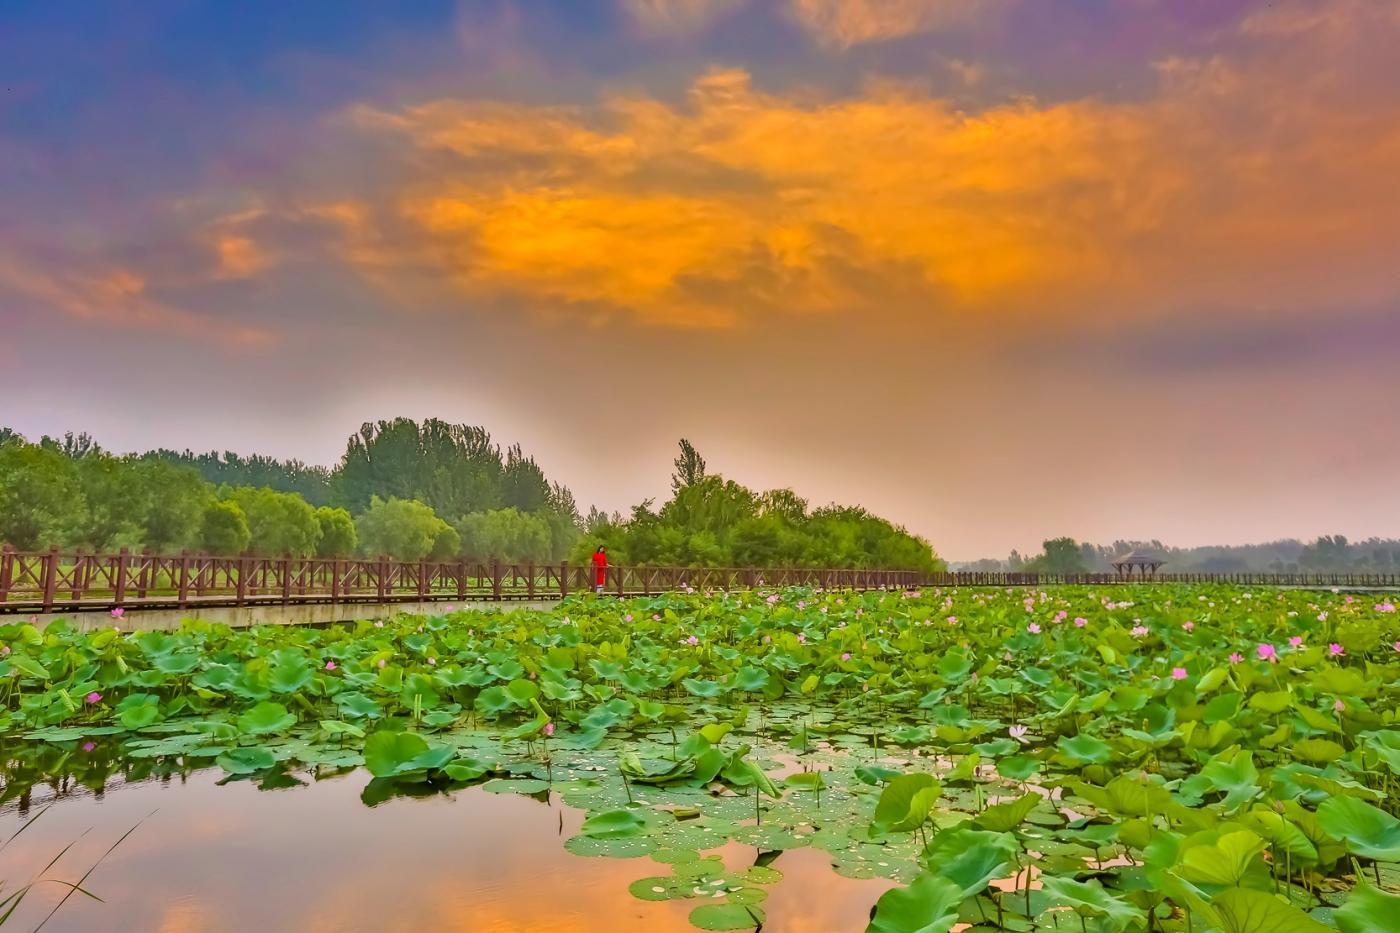 早晨的祥云印照下的临沂黄山武河湿地红荷园_图1-12